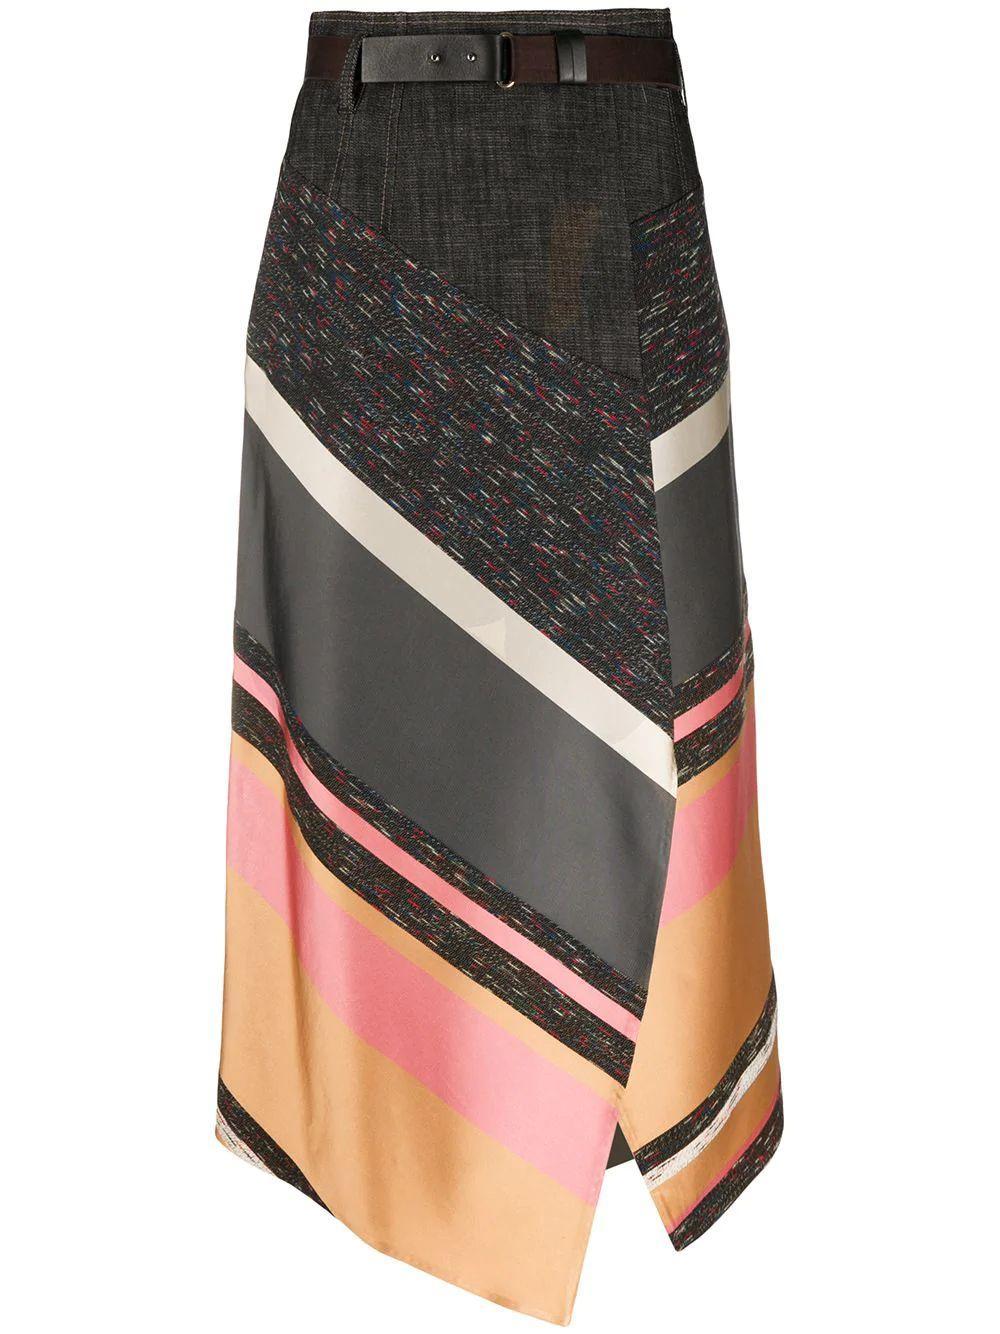 Energetic Lines Skirt